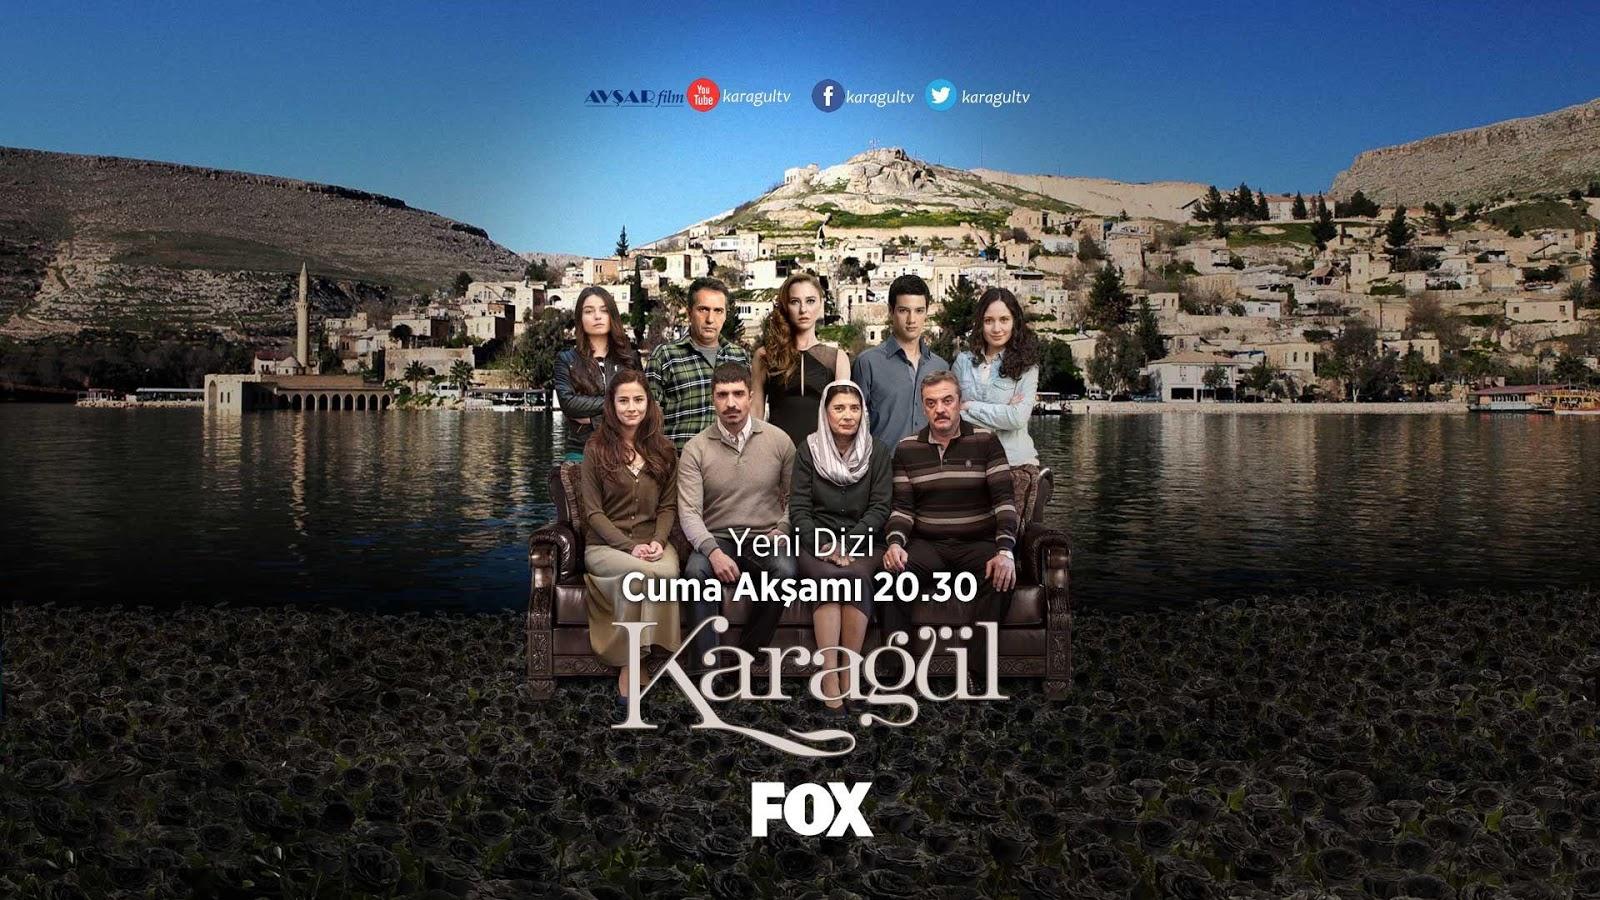 Özcan Deniz 'Karagül'e Dönüyor - Medyanoz